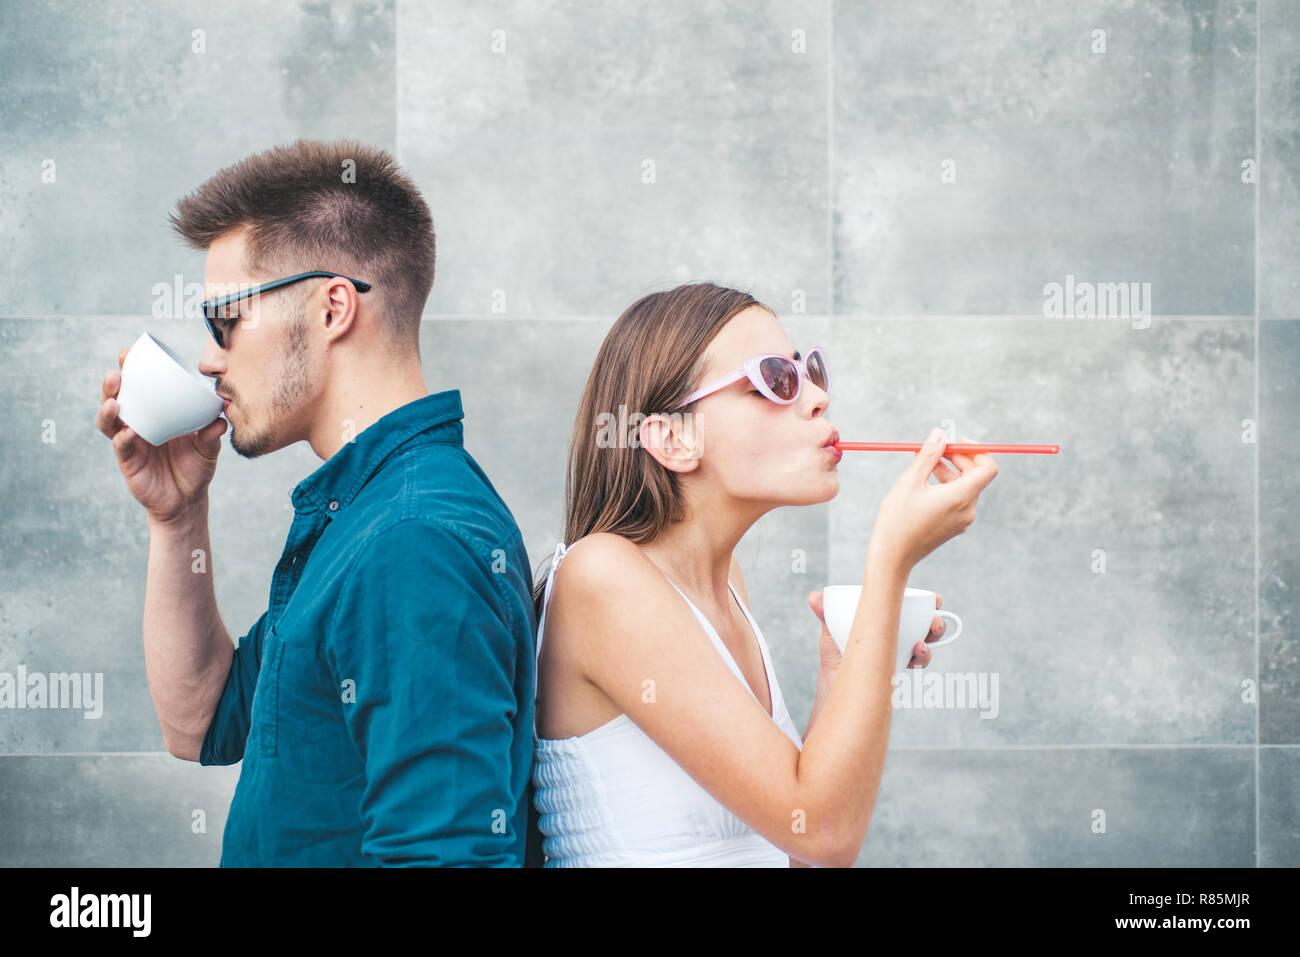 Miten käsitellä oman ex dating joku uusi